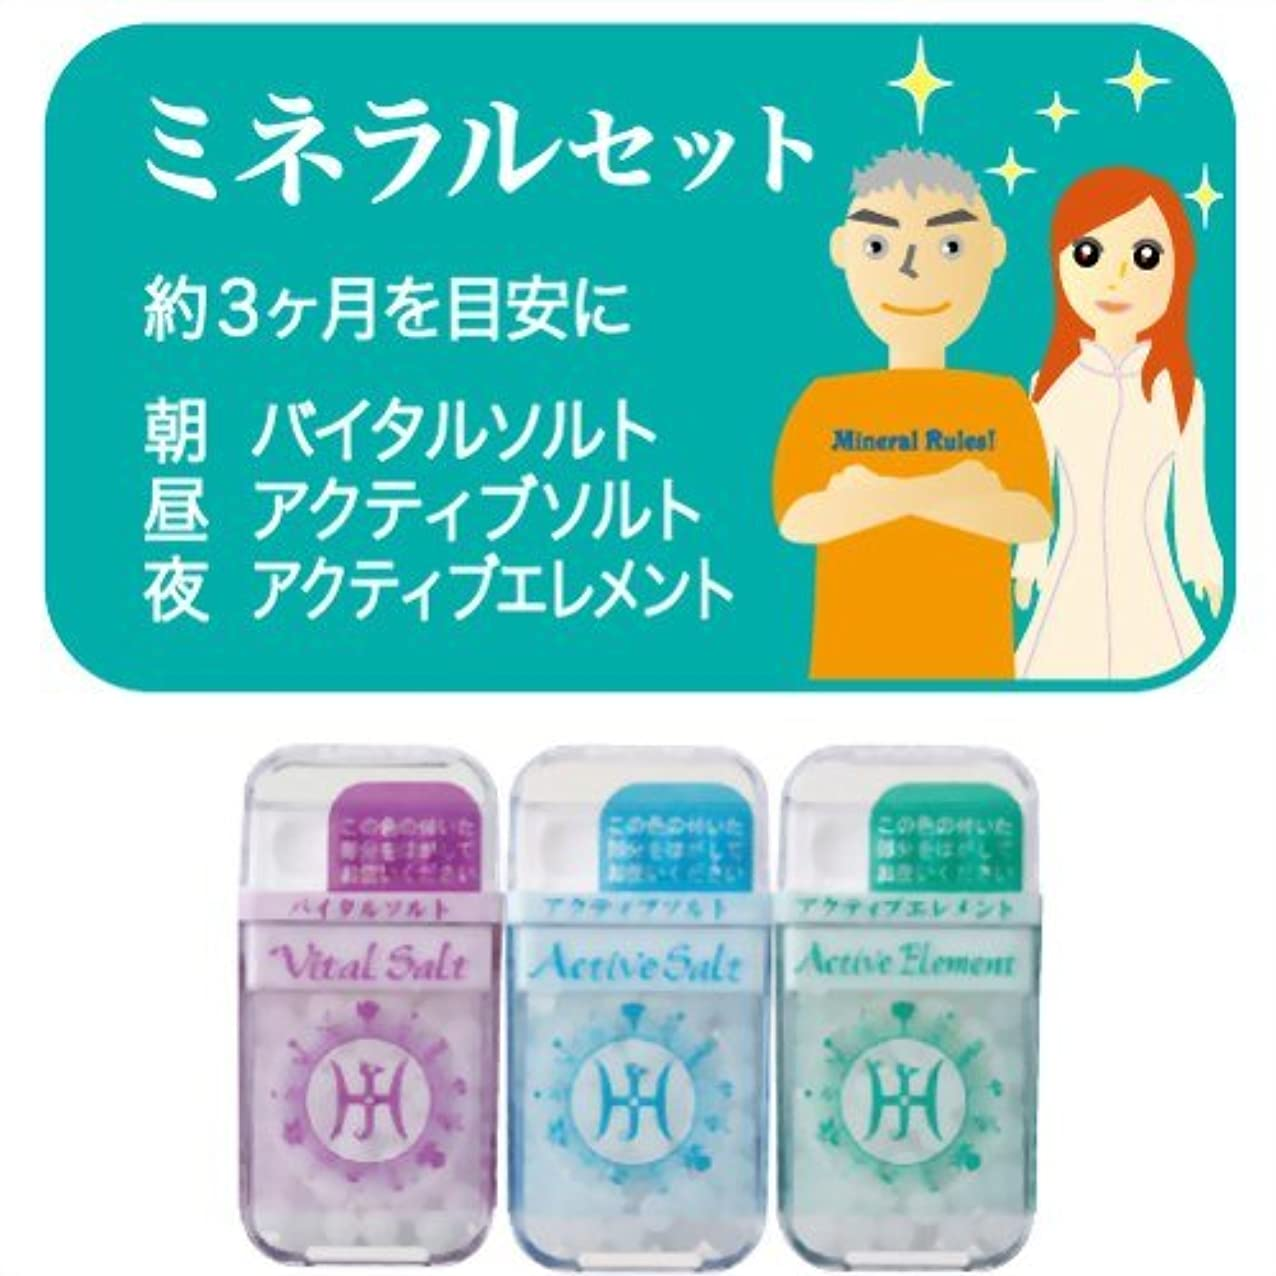 つかの間満了満員ホメオパシージャパンレメディー ミネラルセット